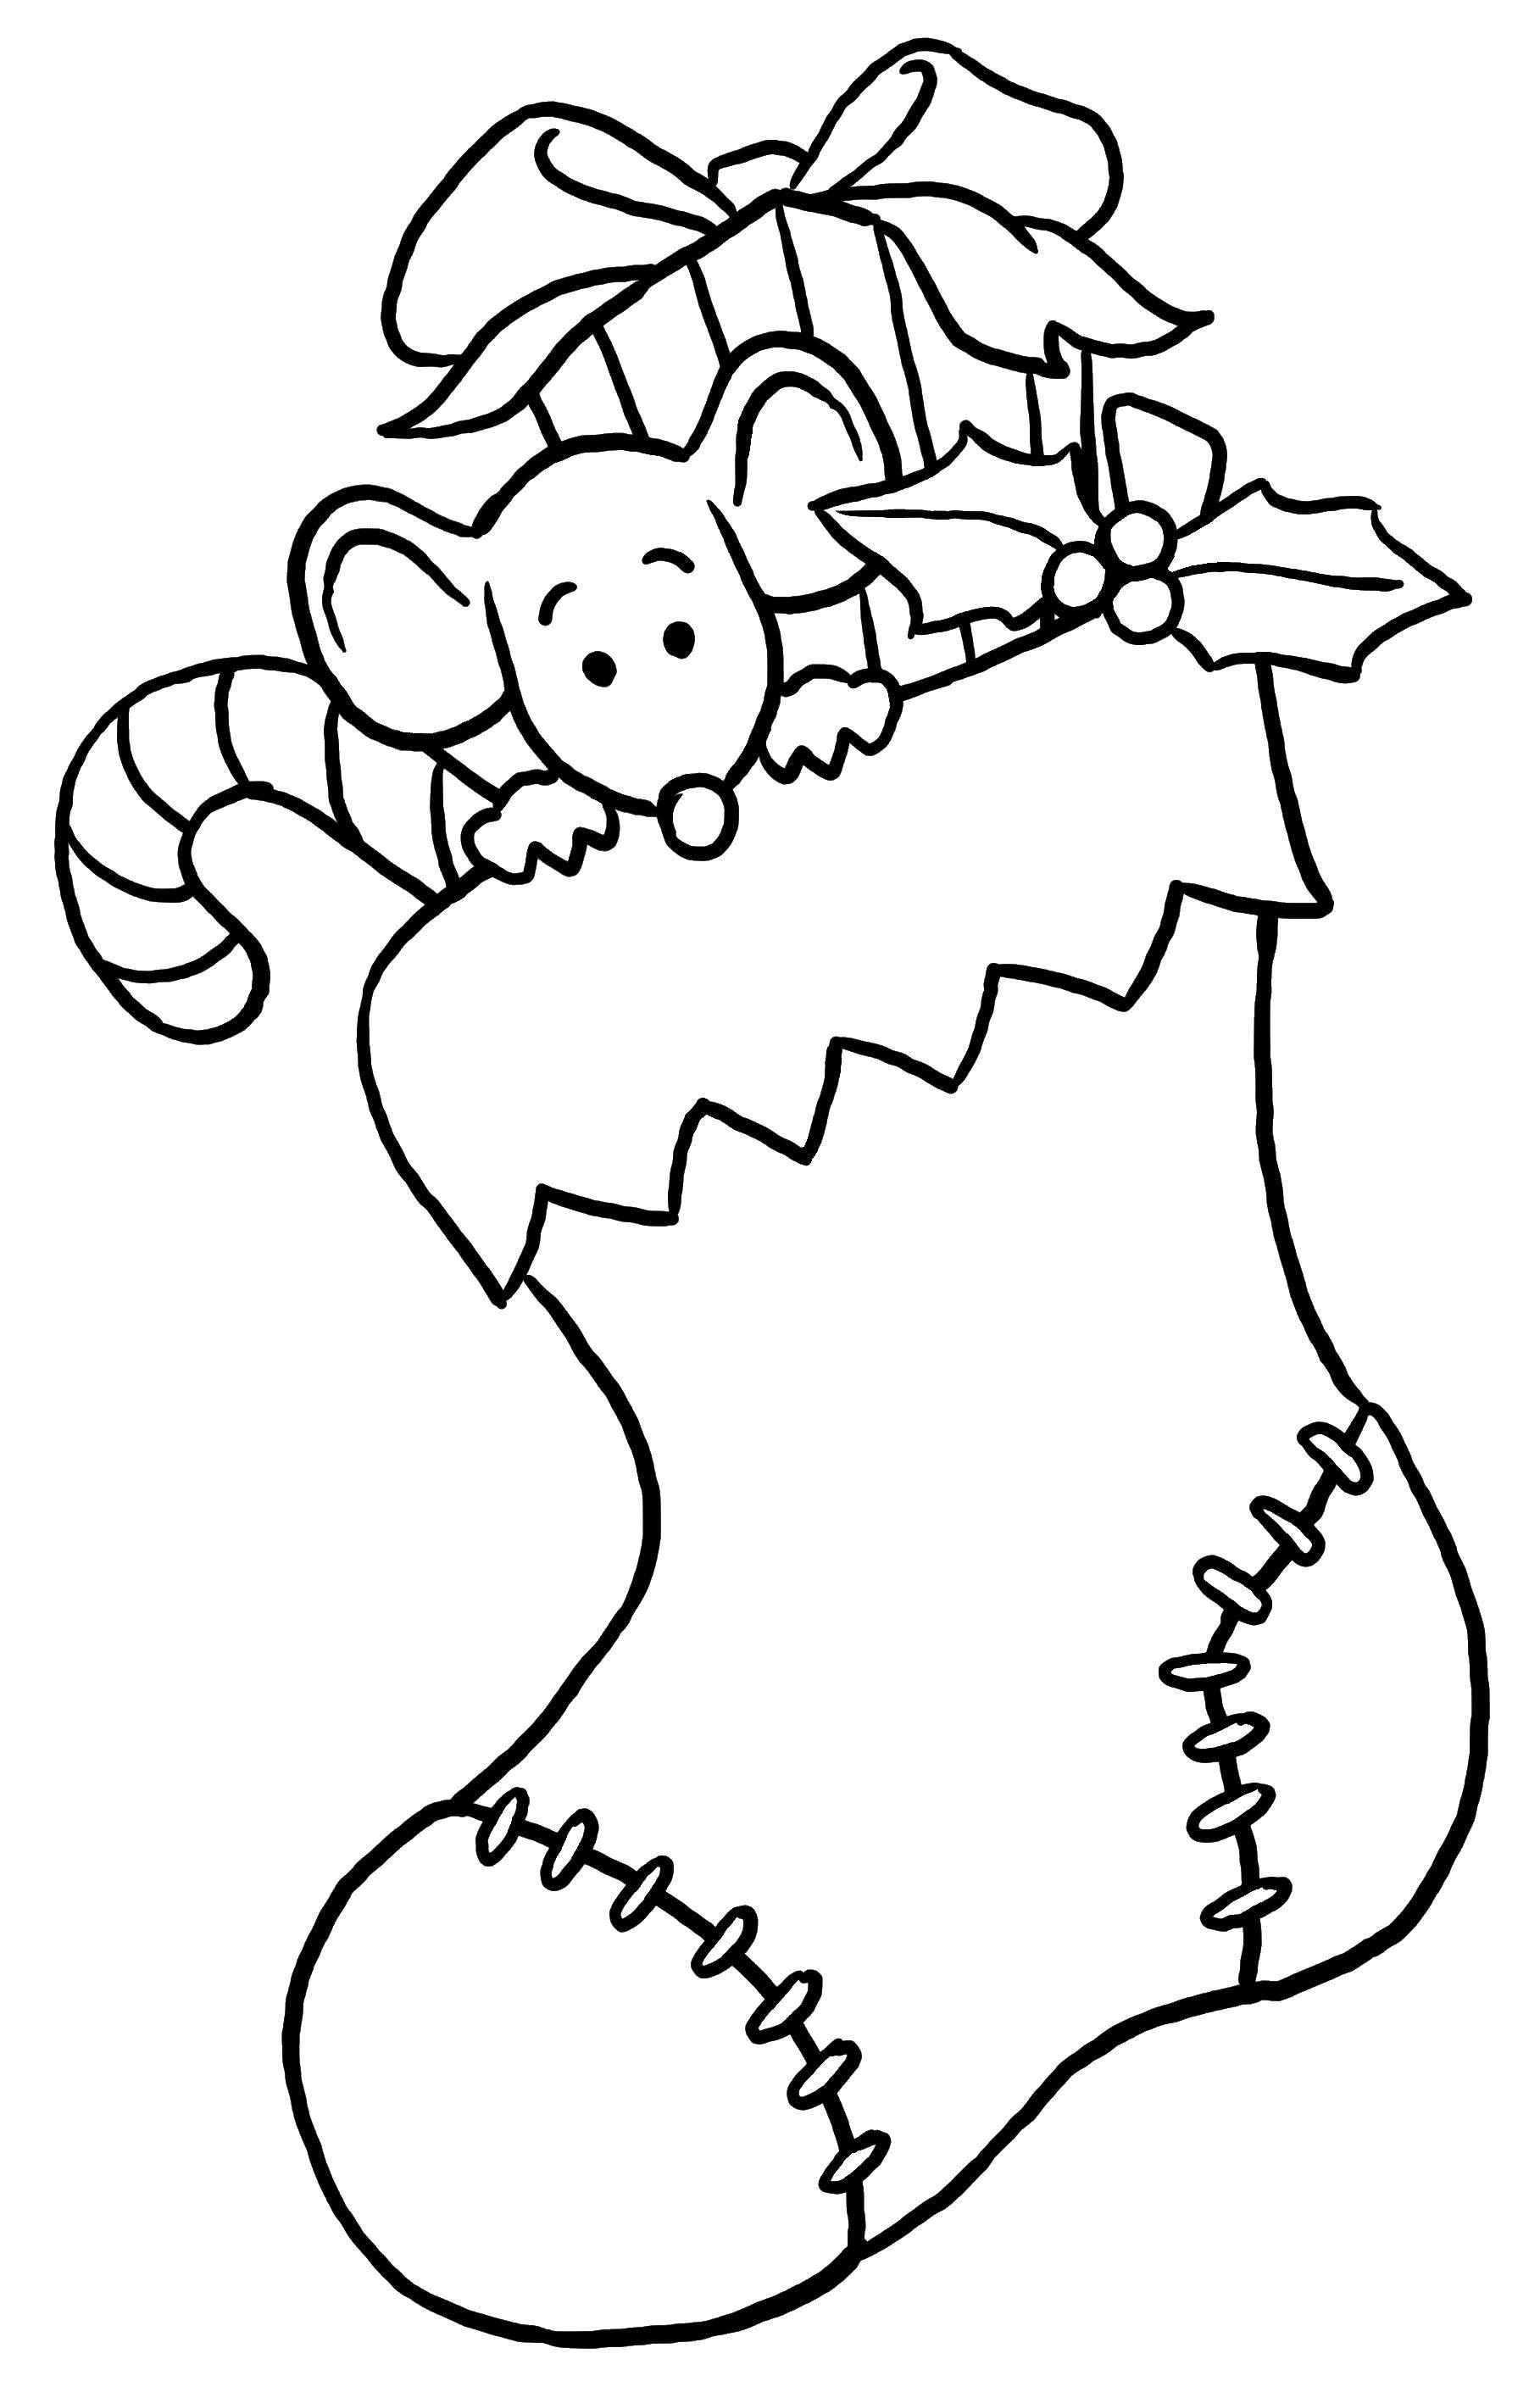 Раскраска Рождественский носок Скачать носок, подарки, мышонок.  Распечатать ,рождество,